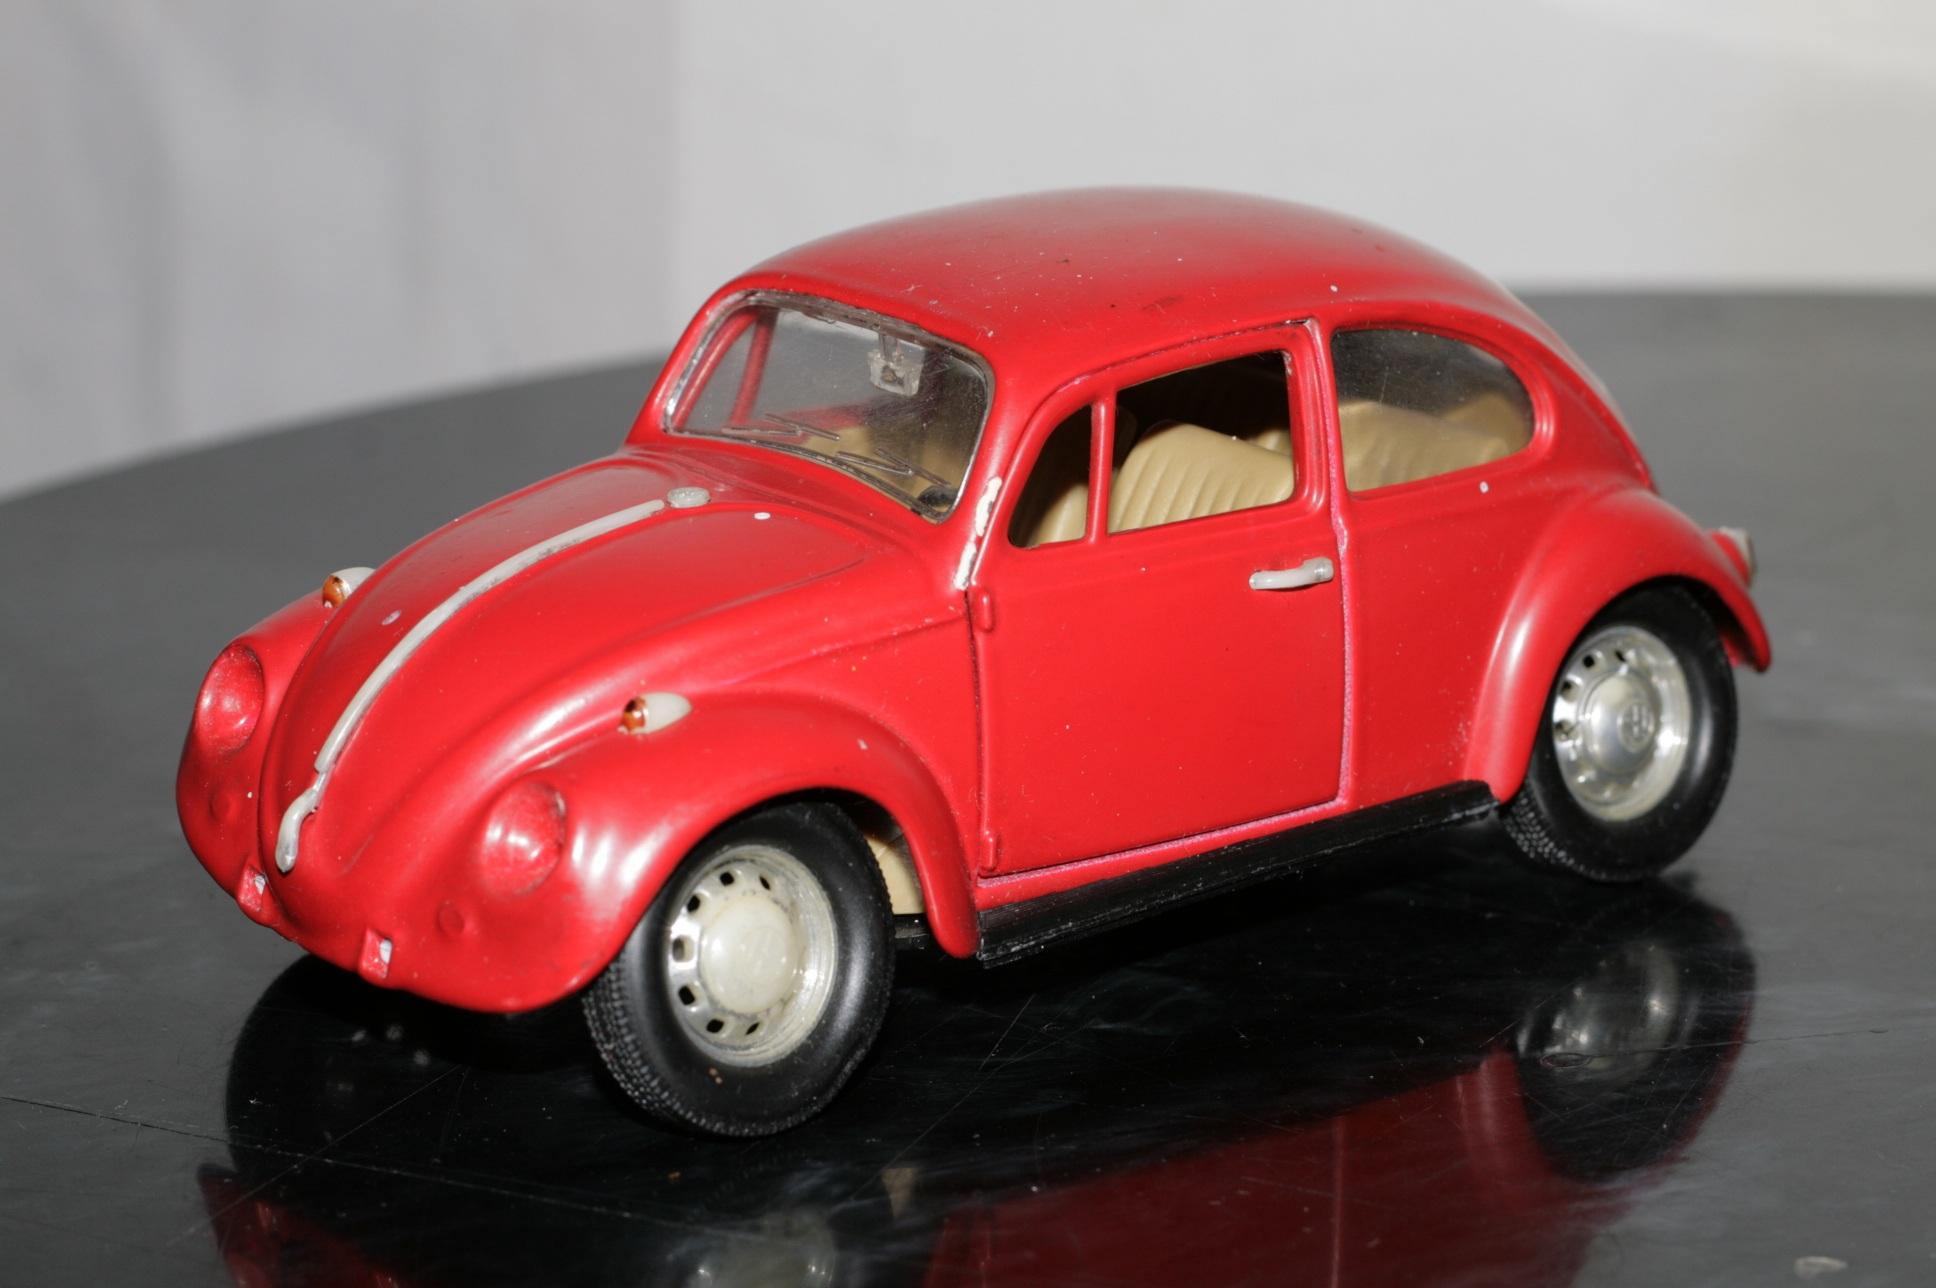 Fotos Gratis Rueda Vehiculo Juguetes Coche De Juguete Mini